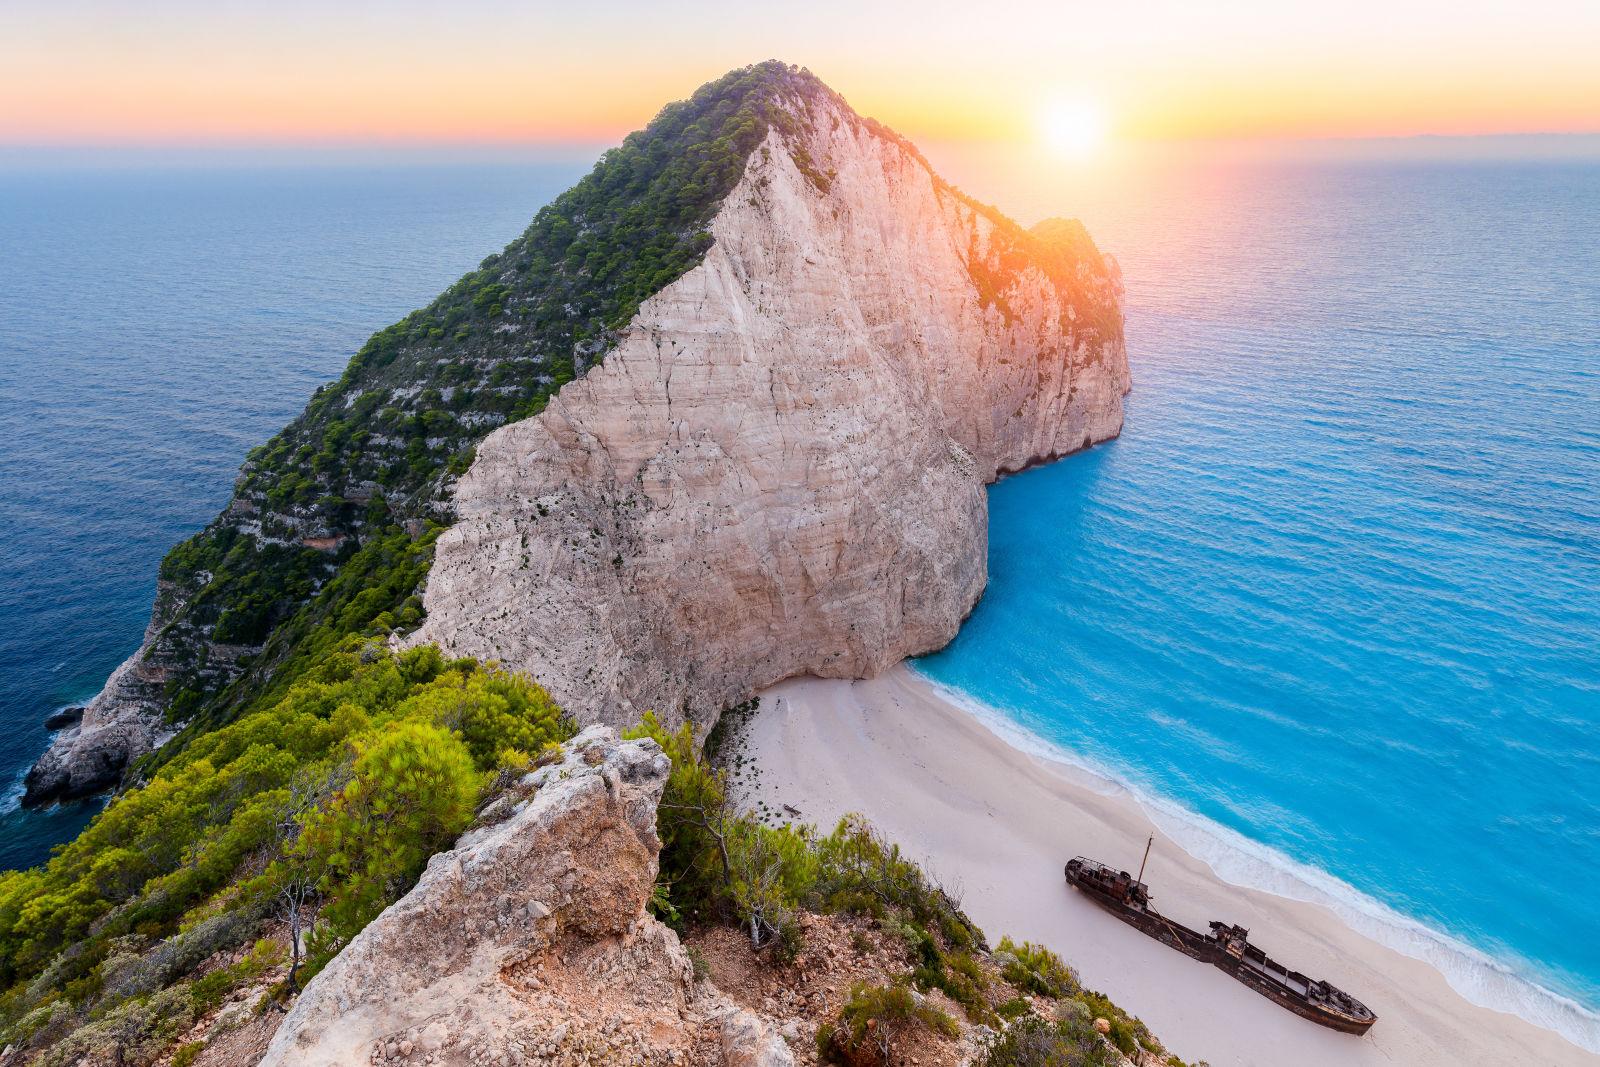 Azure, Bedrock, Cliff